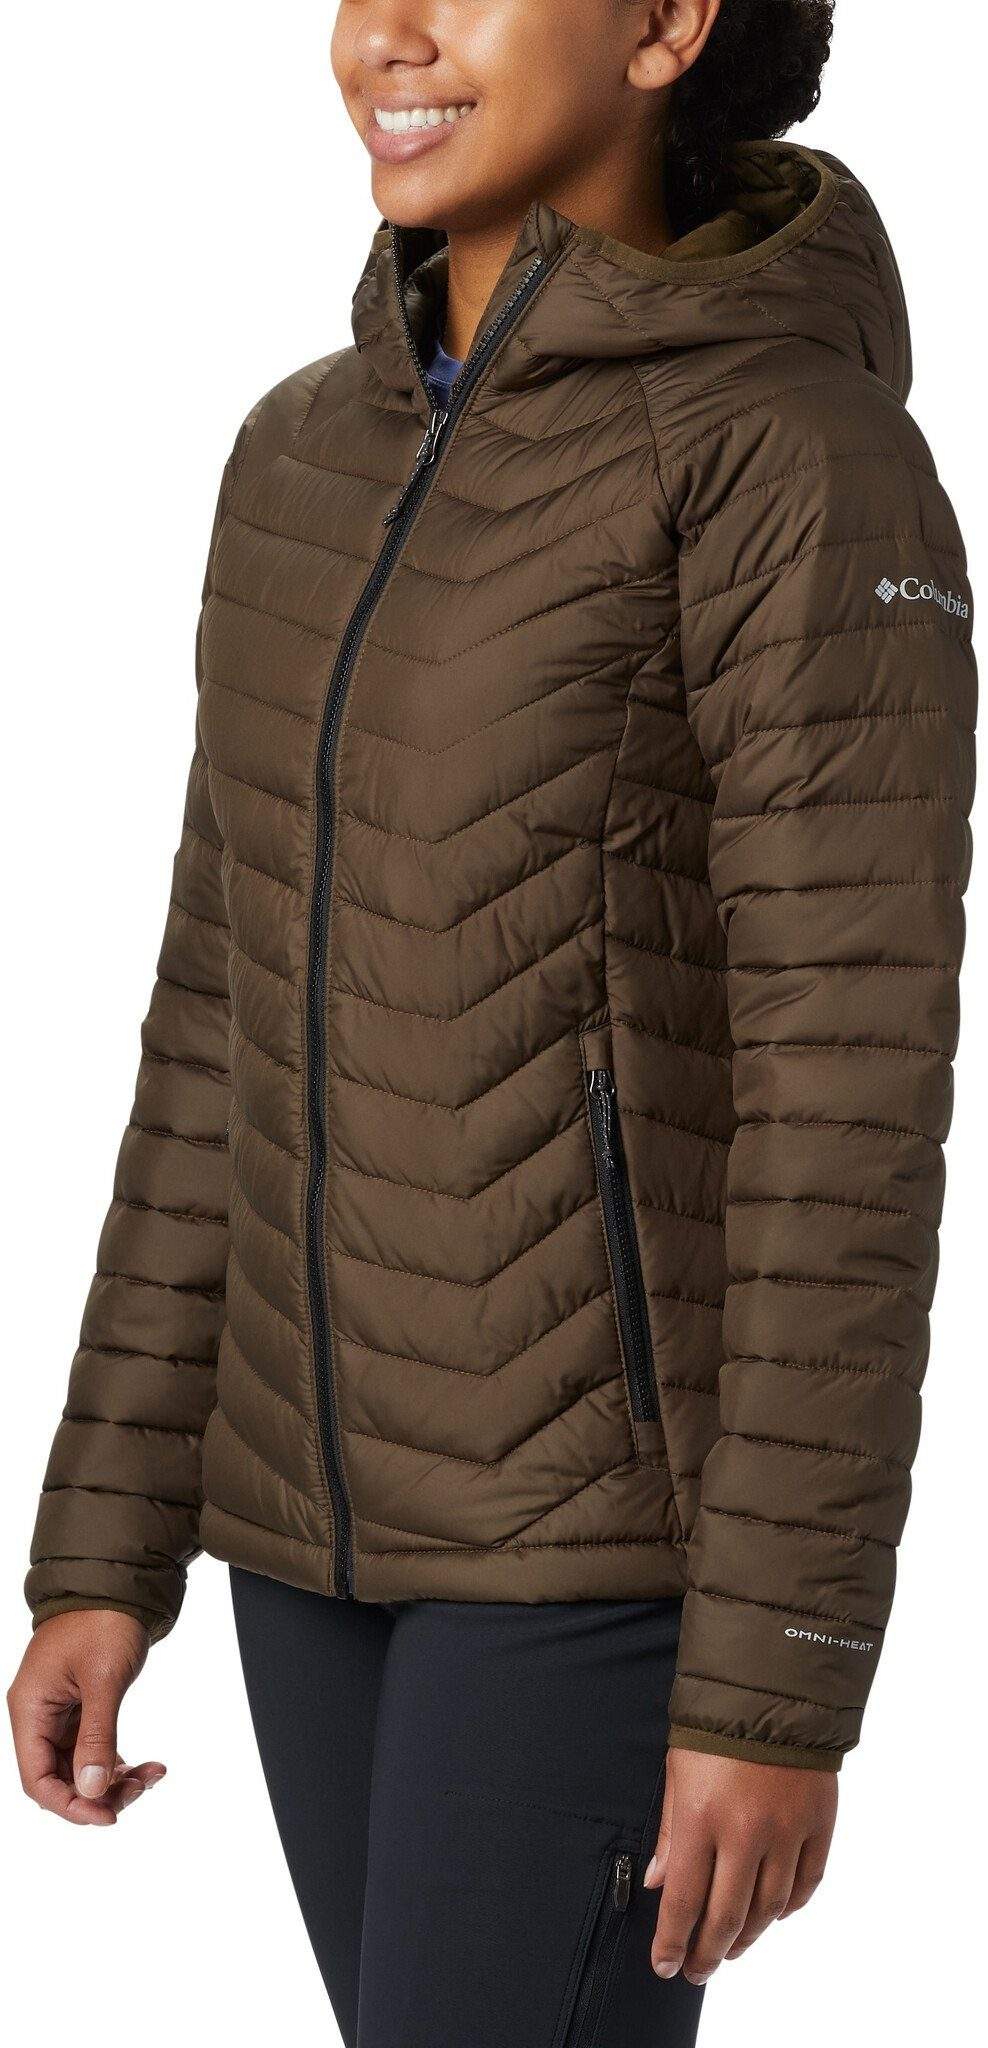 Columbia Outdoorjacke »Fire Side II Sherpa Full Zip Jacke Damen« online kaufen | OTTO